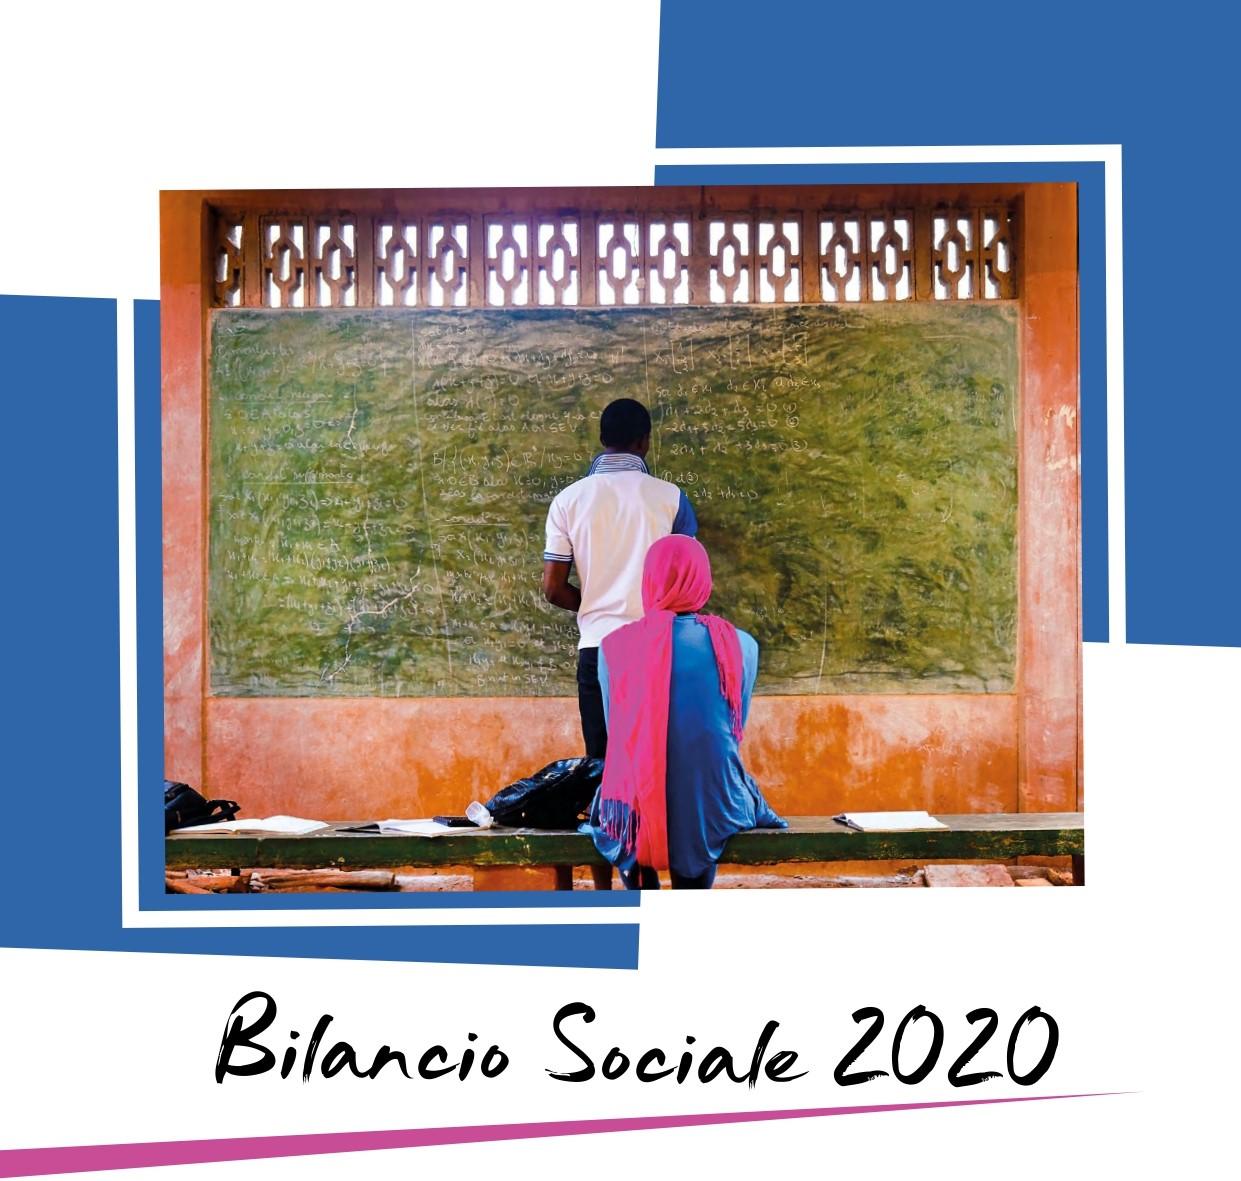 L'impegno del MAGIS nel 2020: la fotografia scattata dal Bilancio sociale